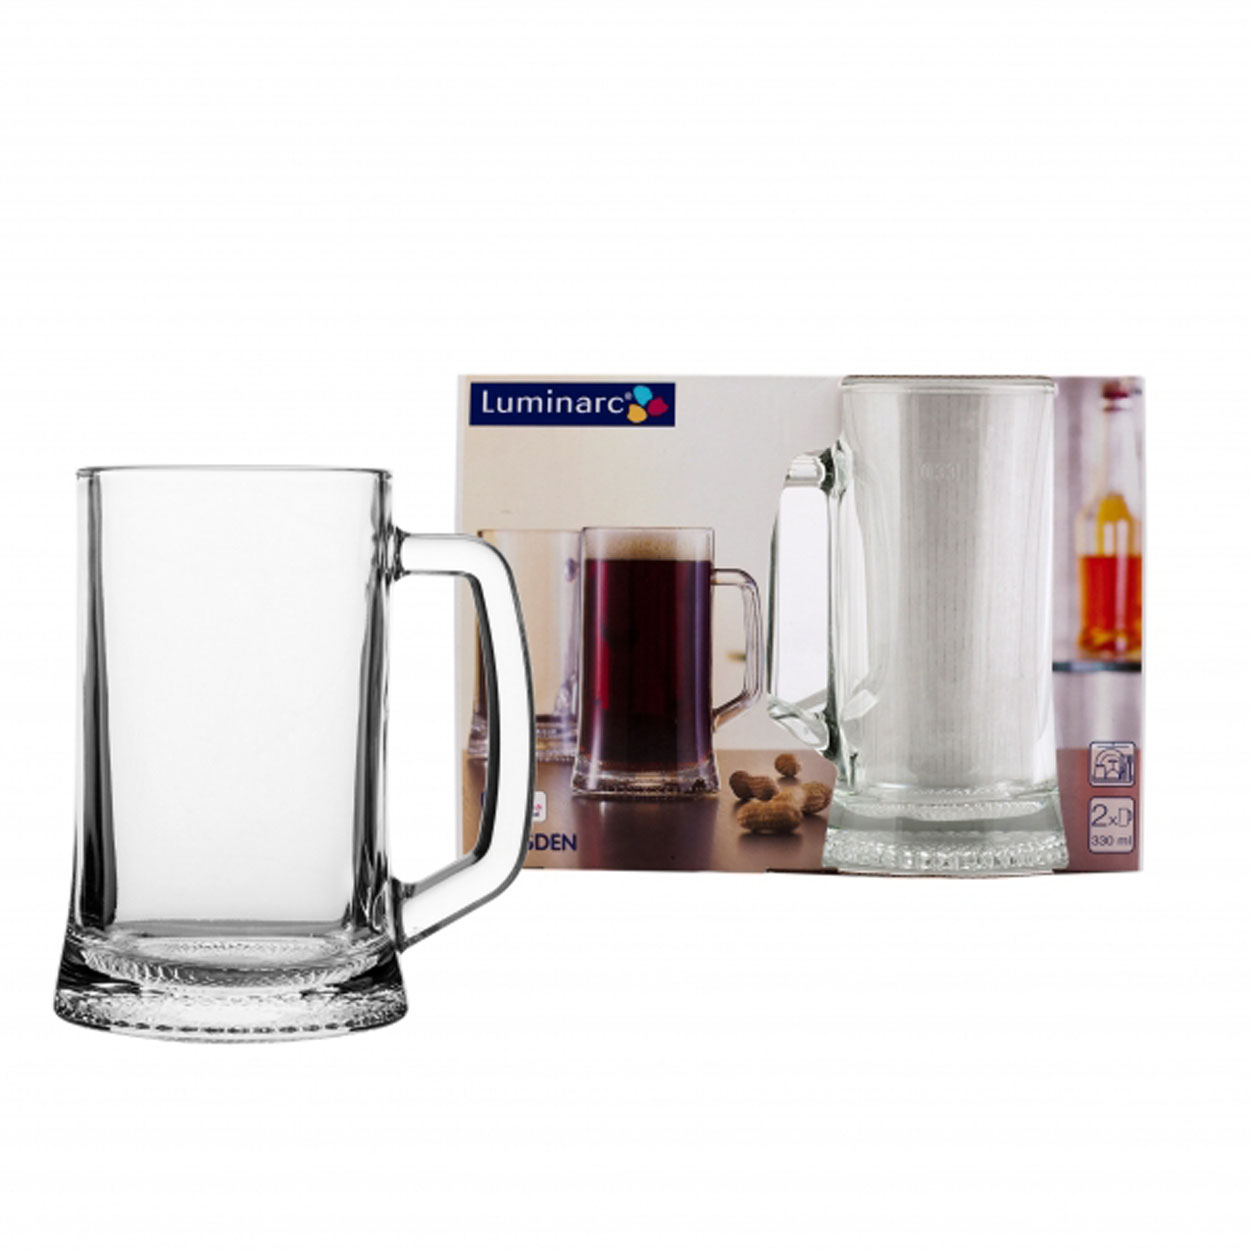 Набор кружек для пива Luminarc Дрезден, 330 мл. H5112H5112Набор состоит из двух кружек, предназначенных для пива, которые изготовлены из ударопрочного стекла.Можно мыть в посудомоечной машине.Объем кружки: 330 мл.